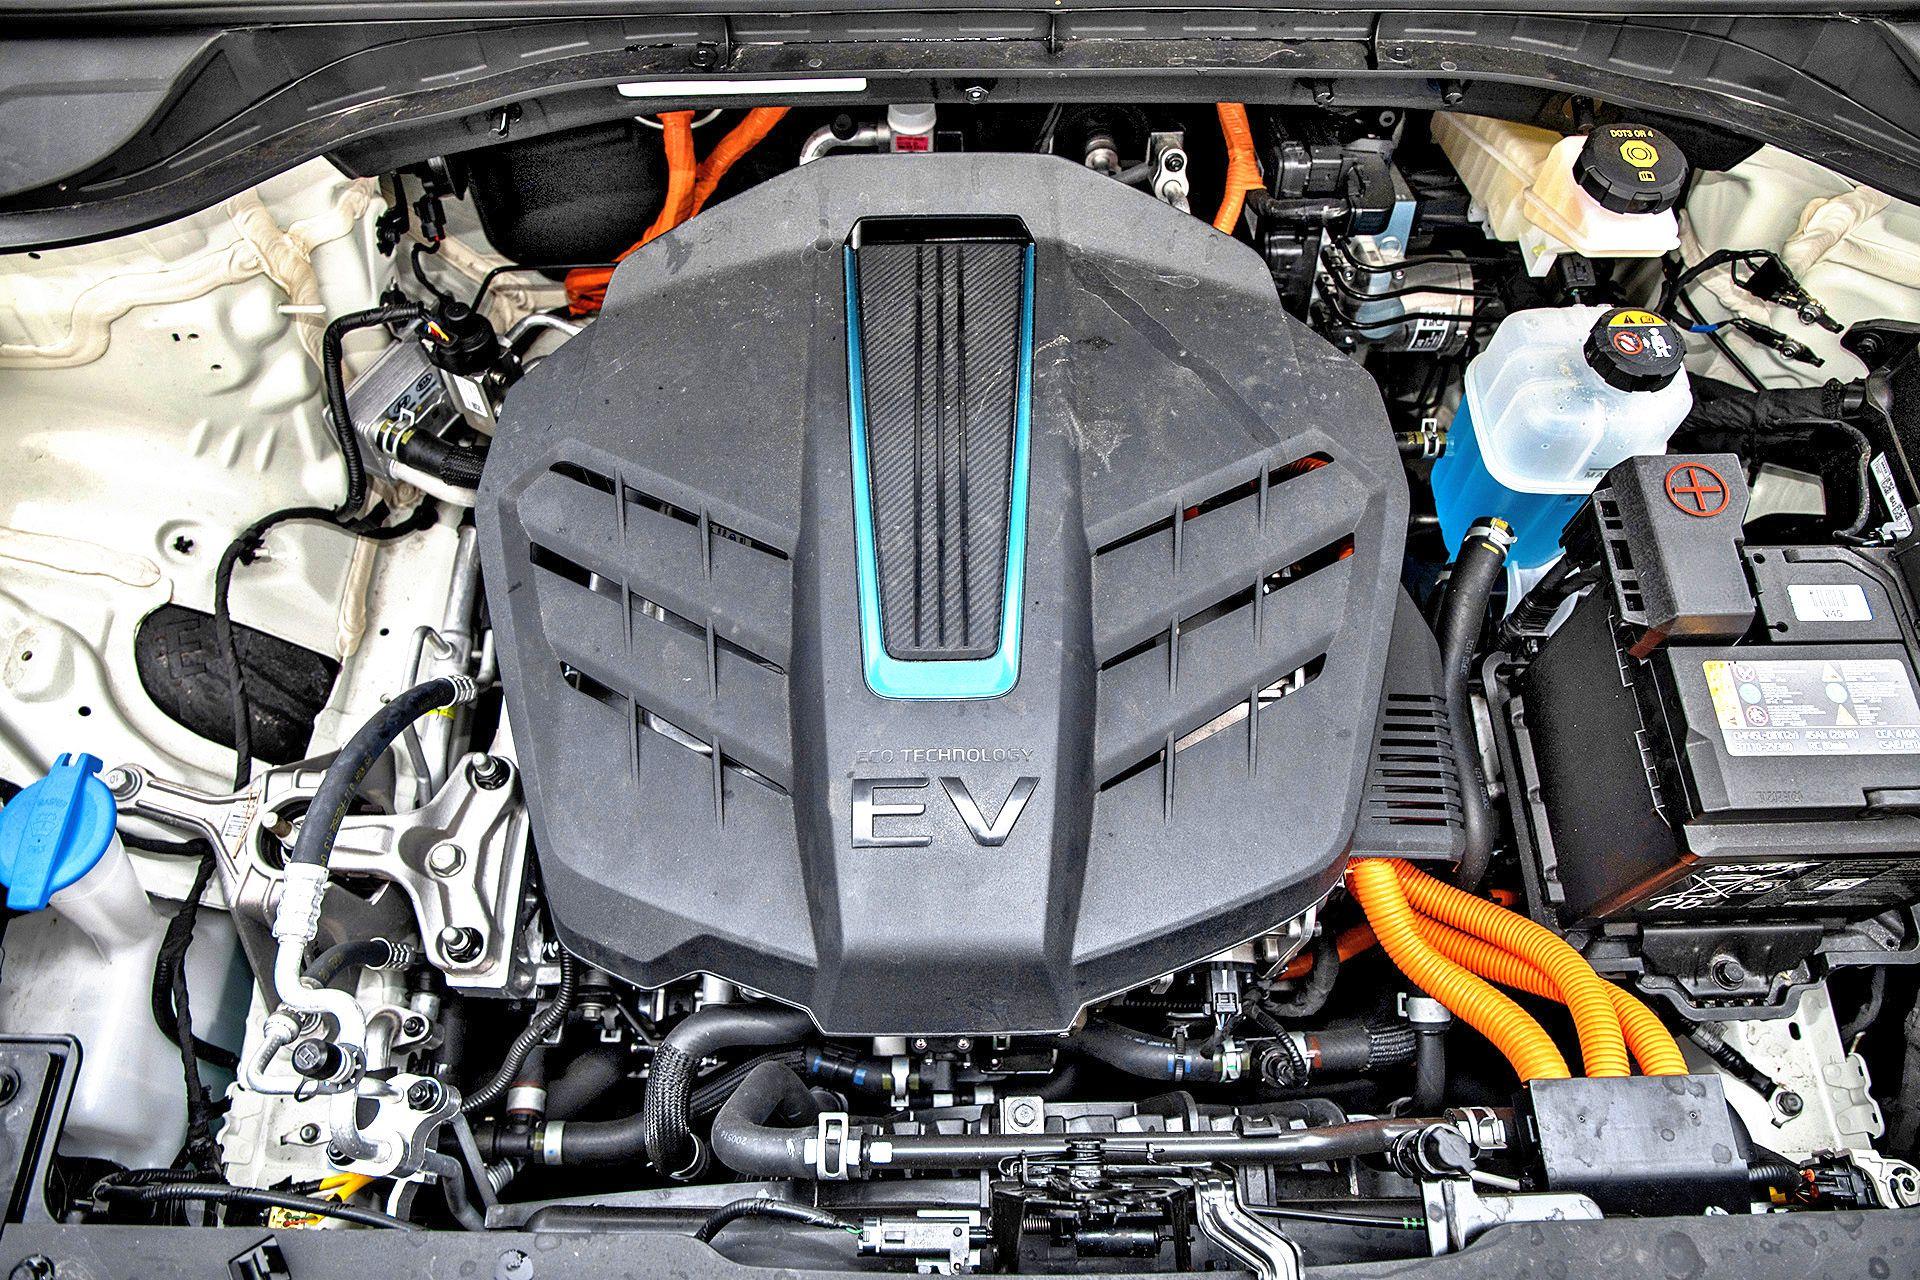 2021_Kia e-Niro 64 kWh (11)